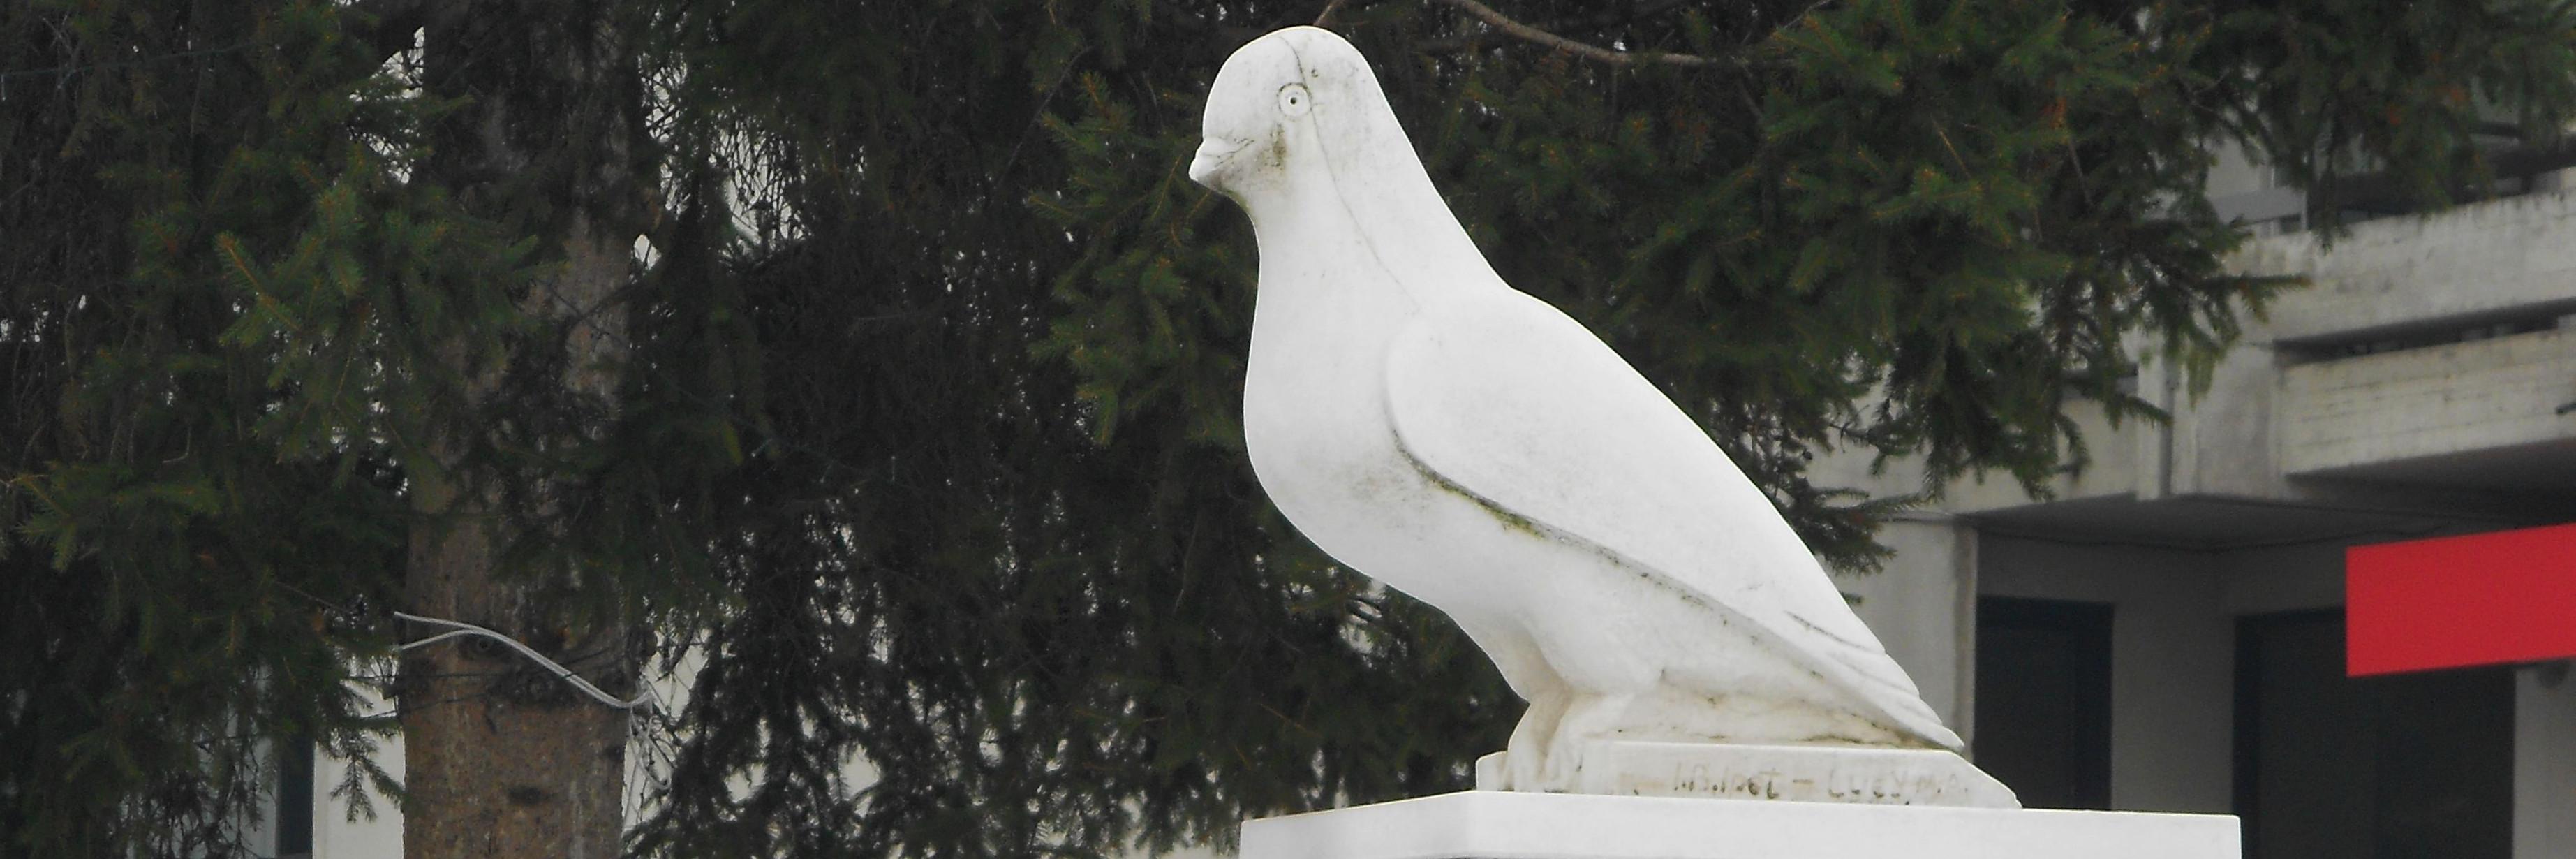 Памятник голубю